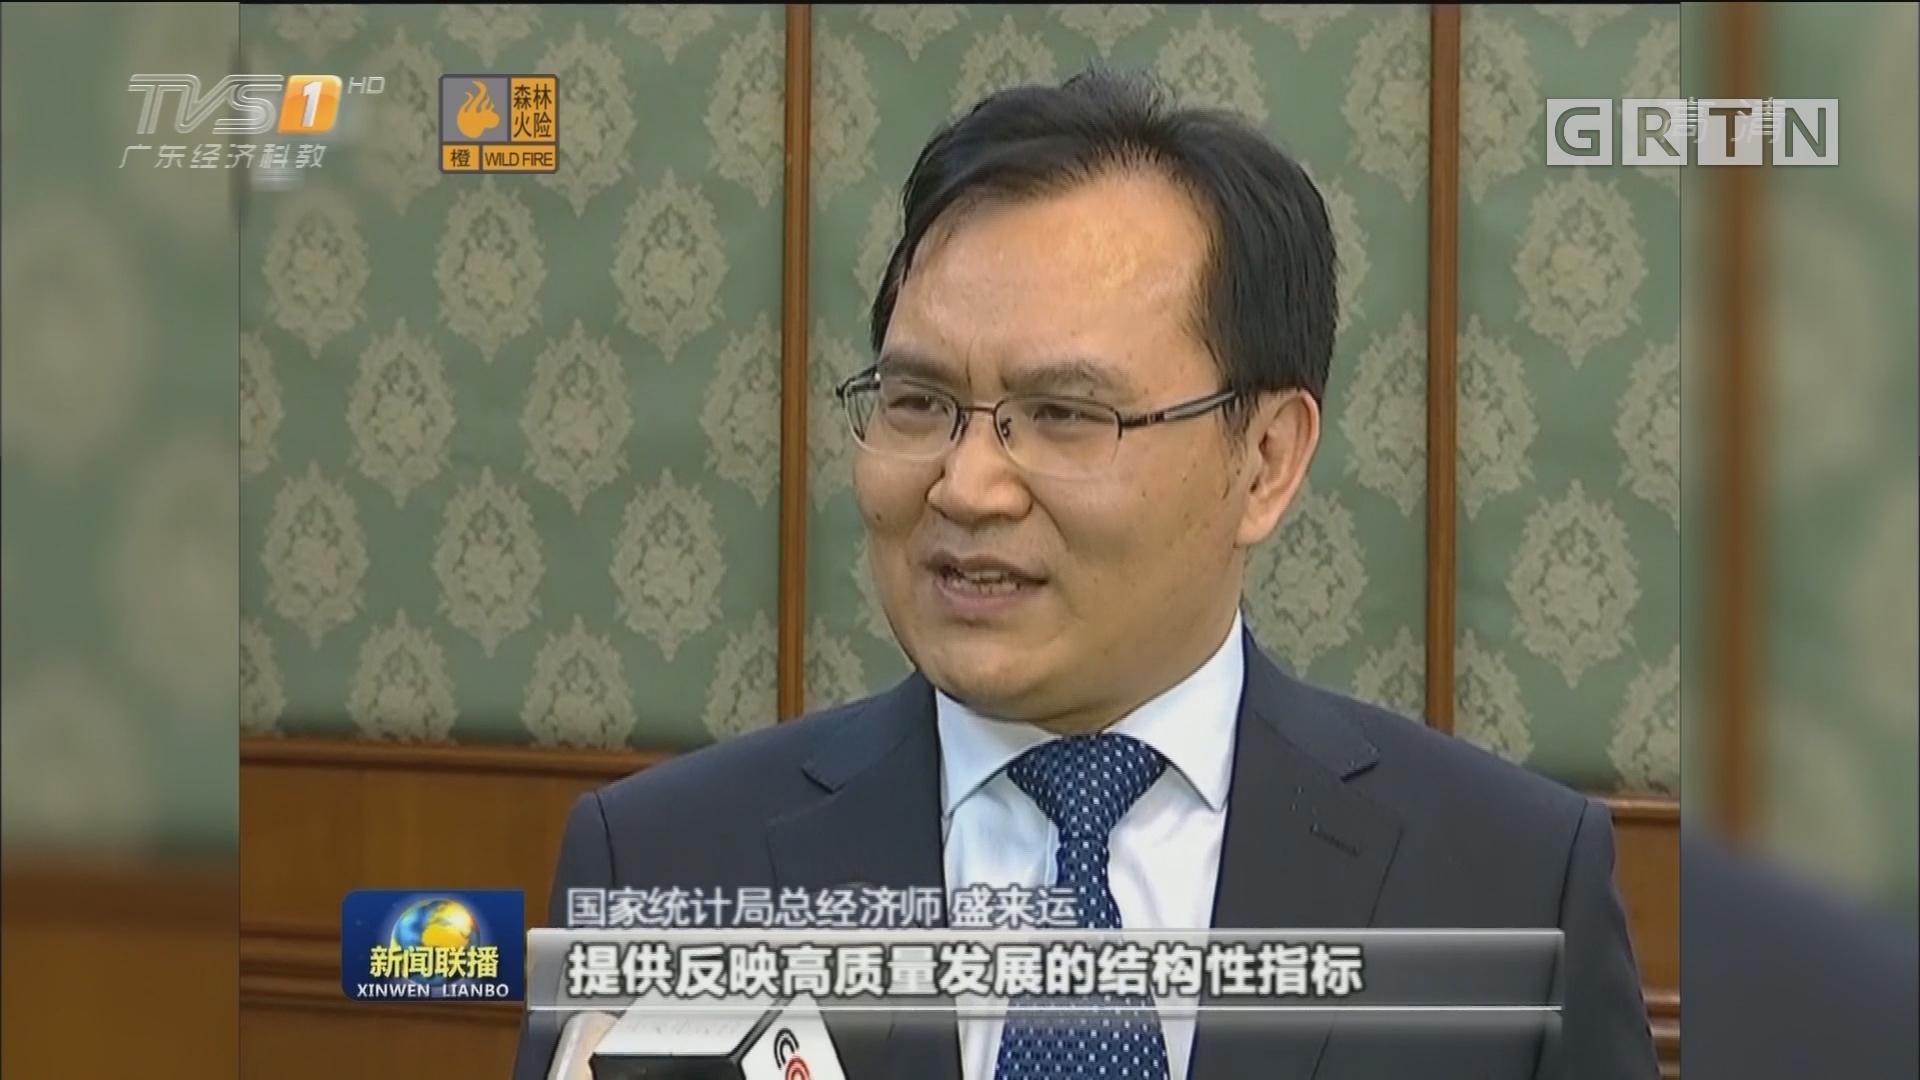 新思想引领中国经济发展新时代